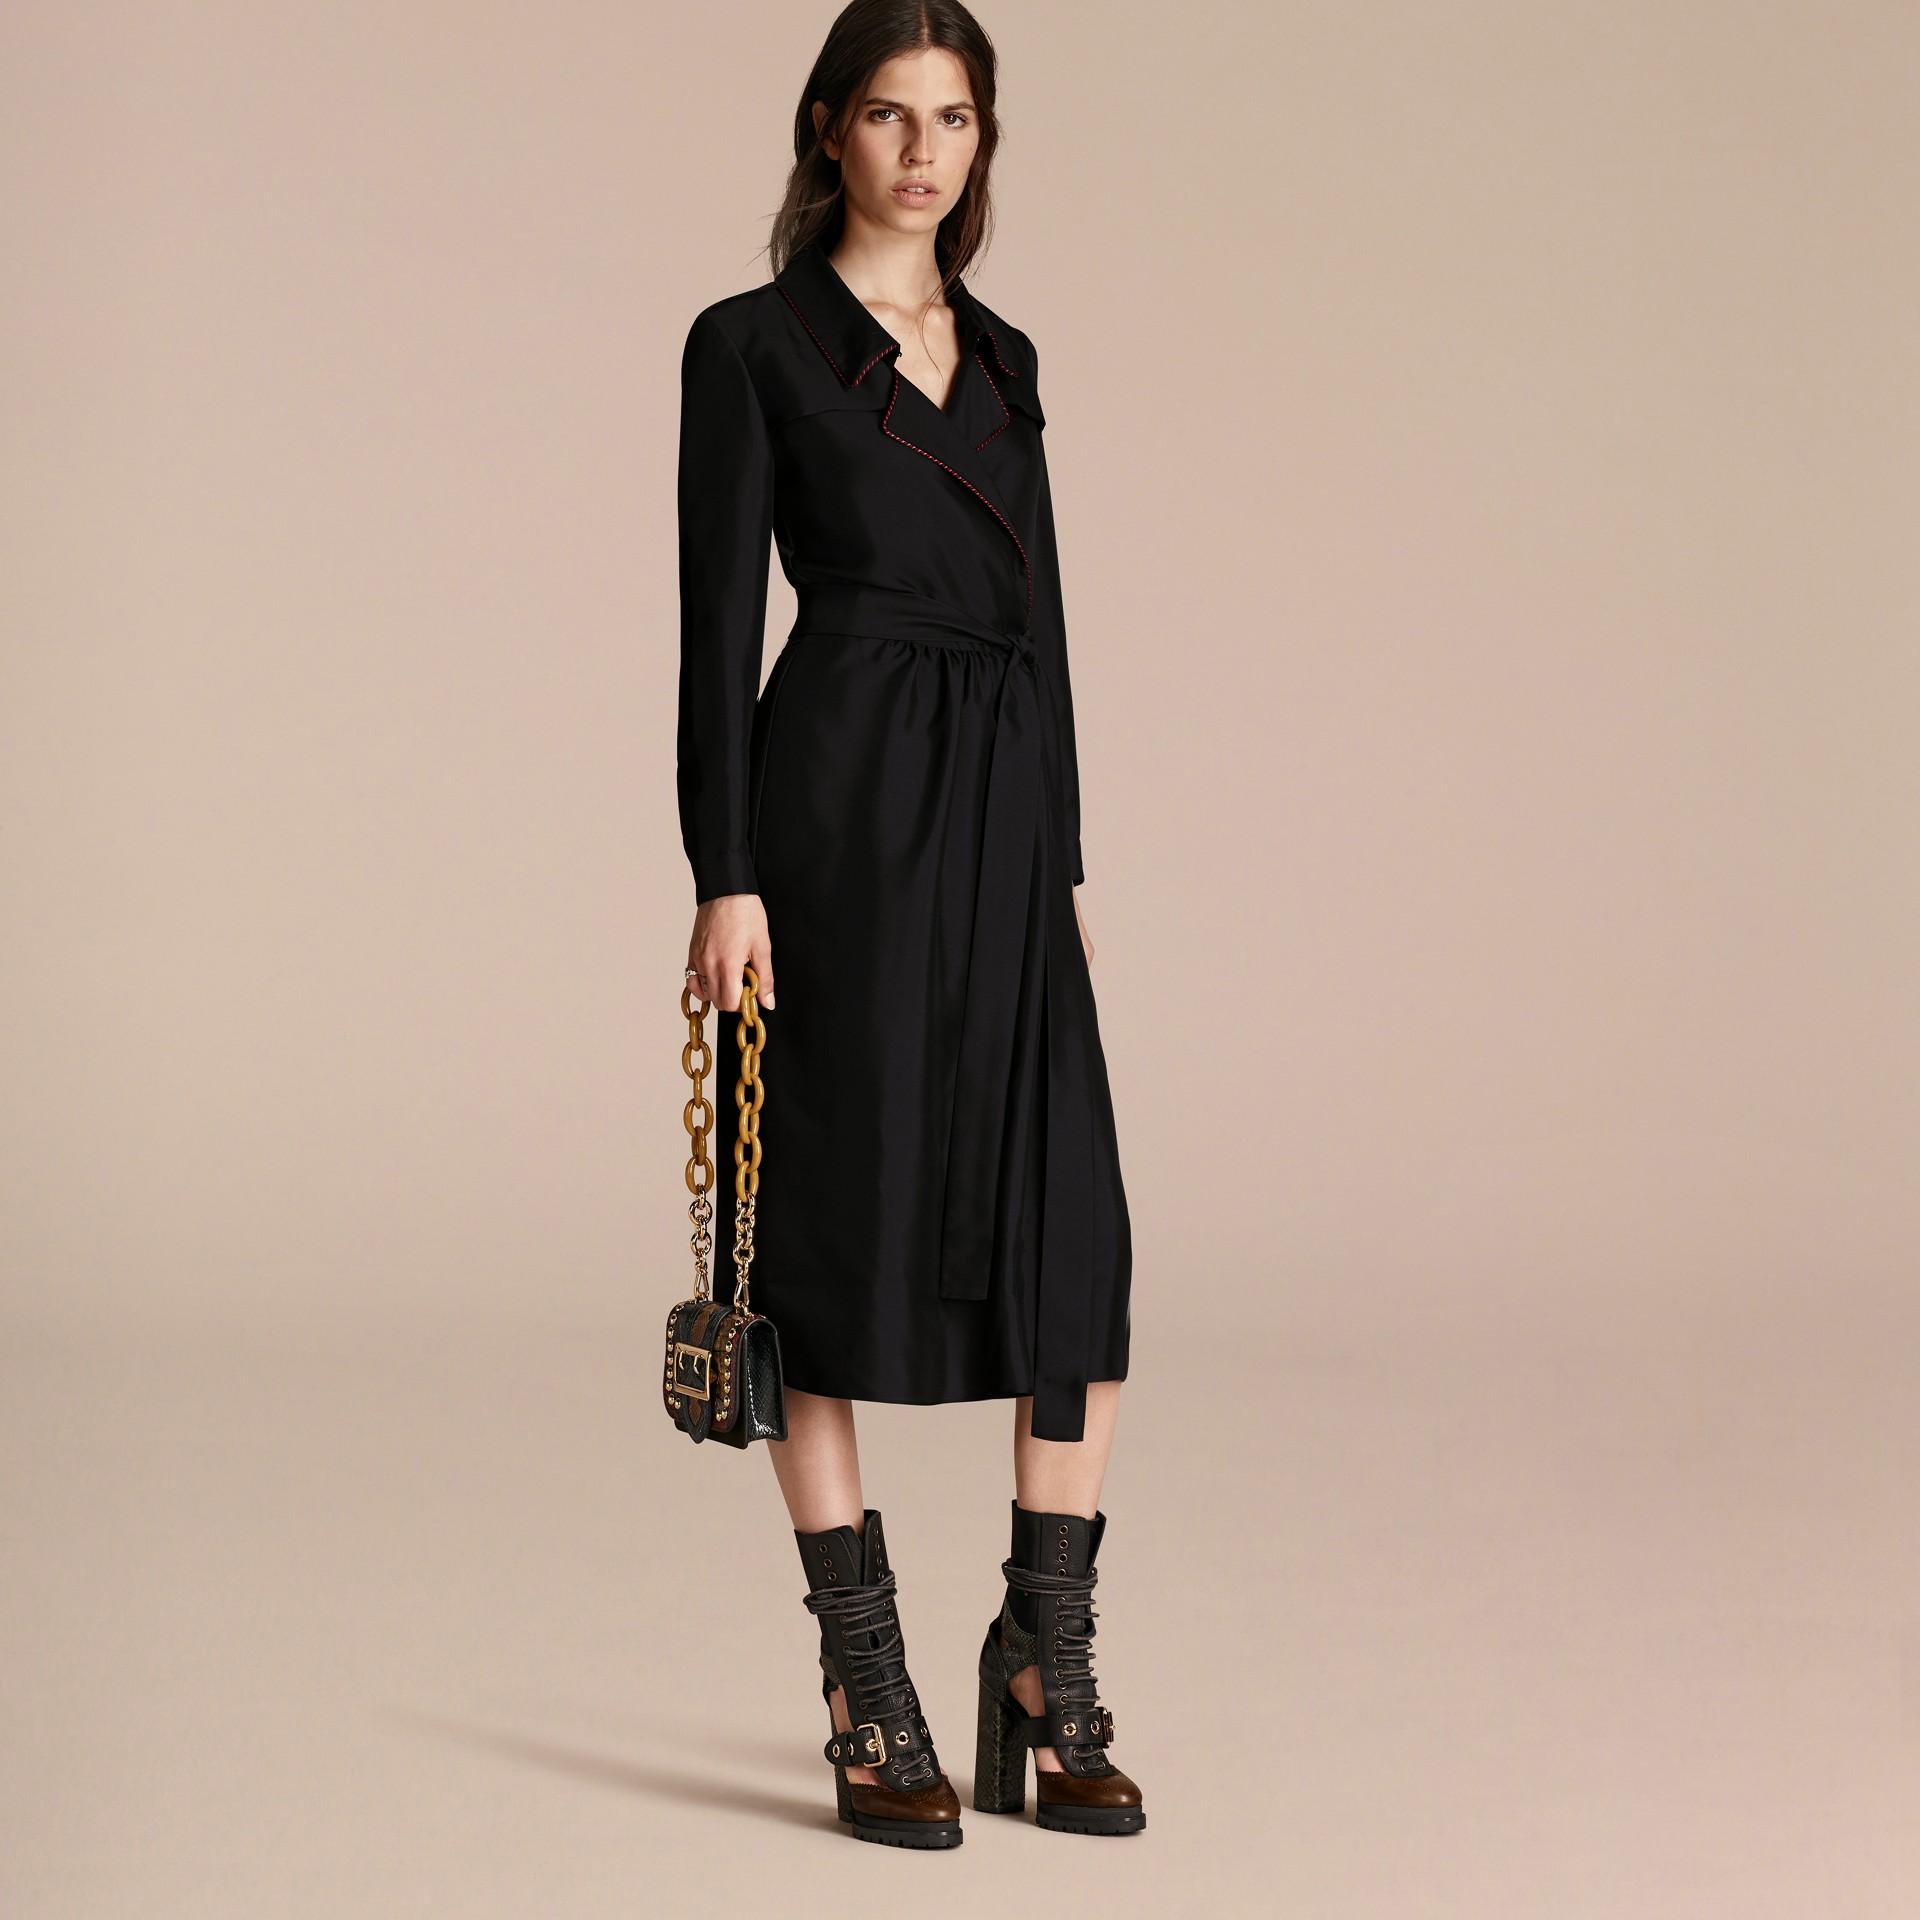 Noir Robe trench portefeuille en soie avec passepoils militaires - photo de la galerie 7